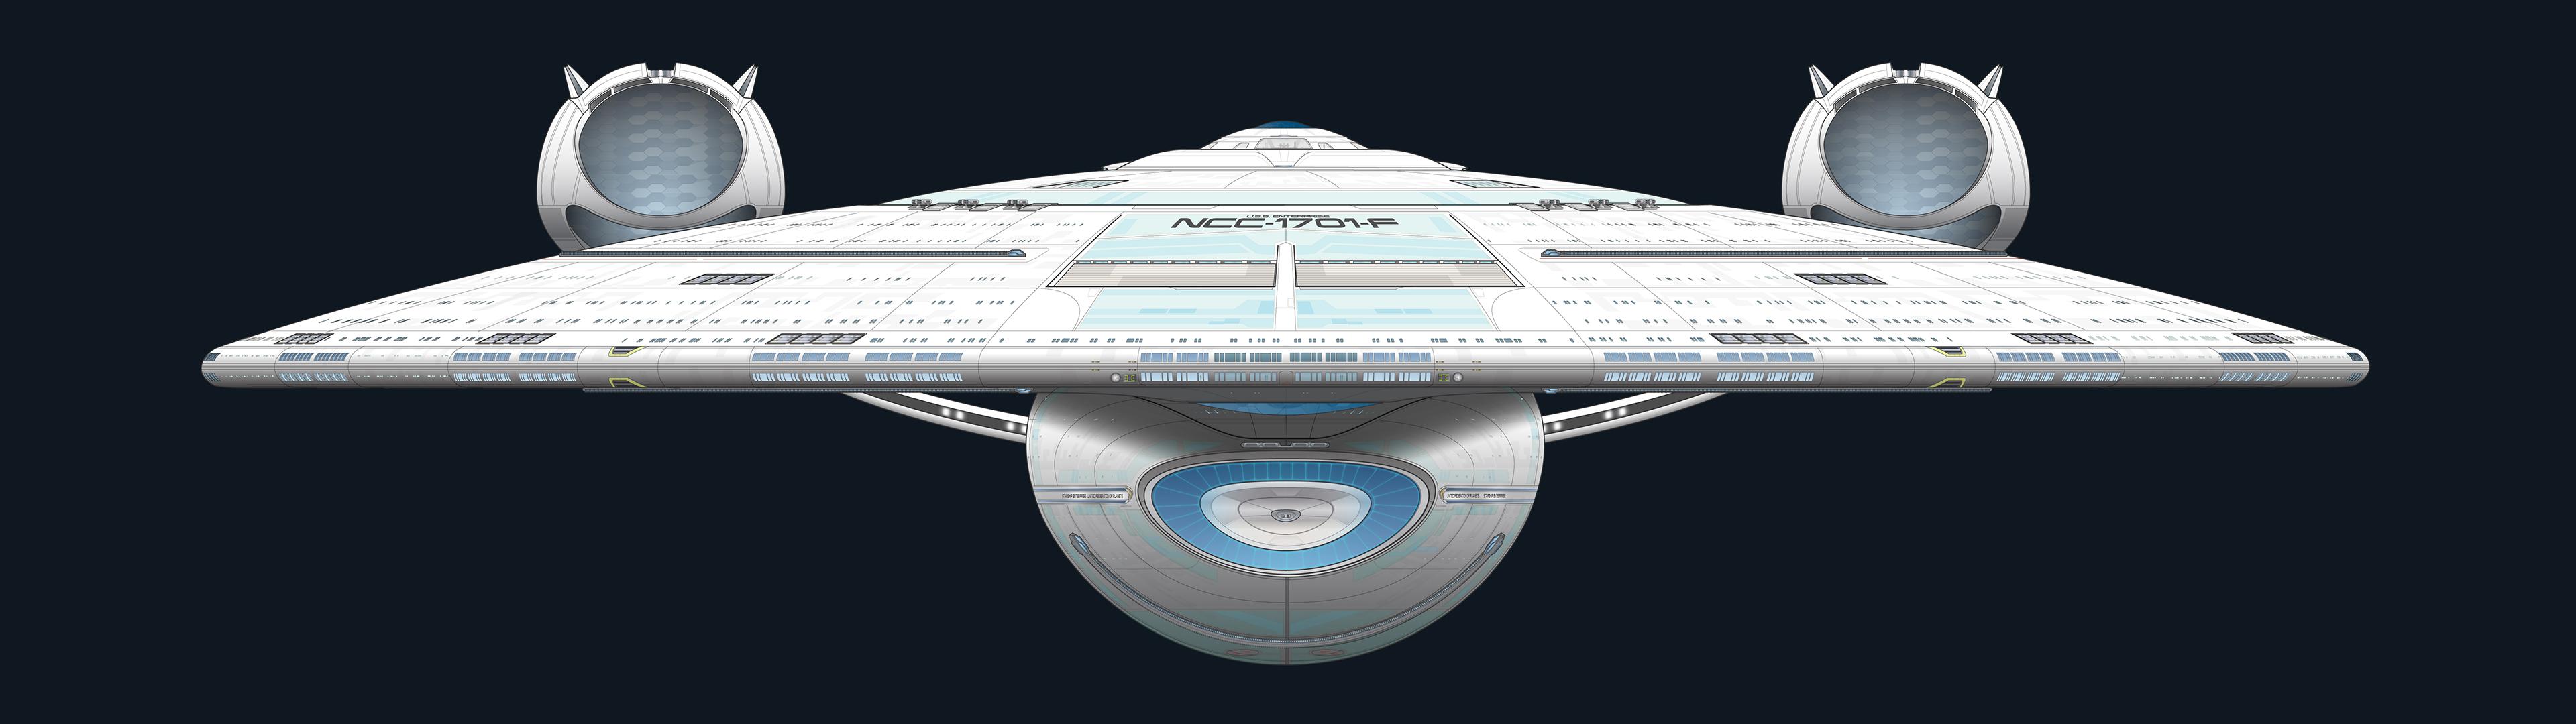 45 Star Trek Dual Screen Wallpaper On Wallpapersafari